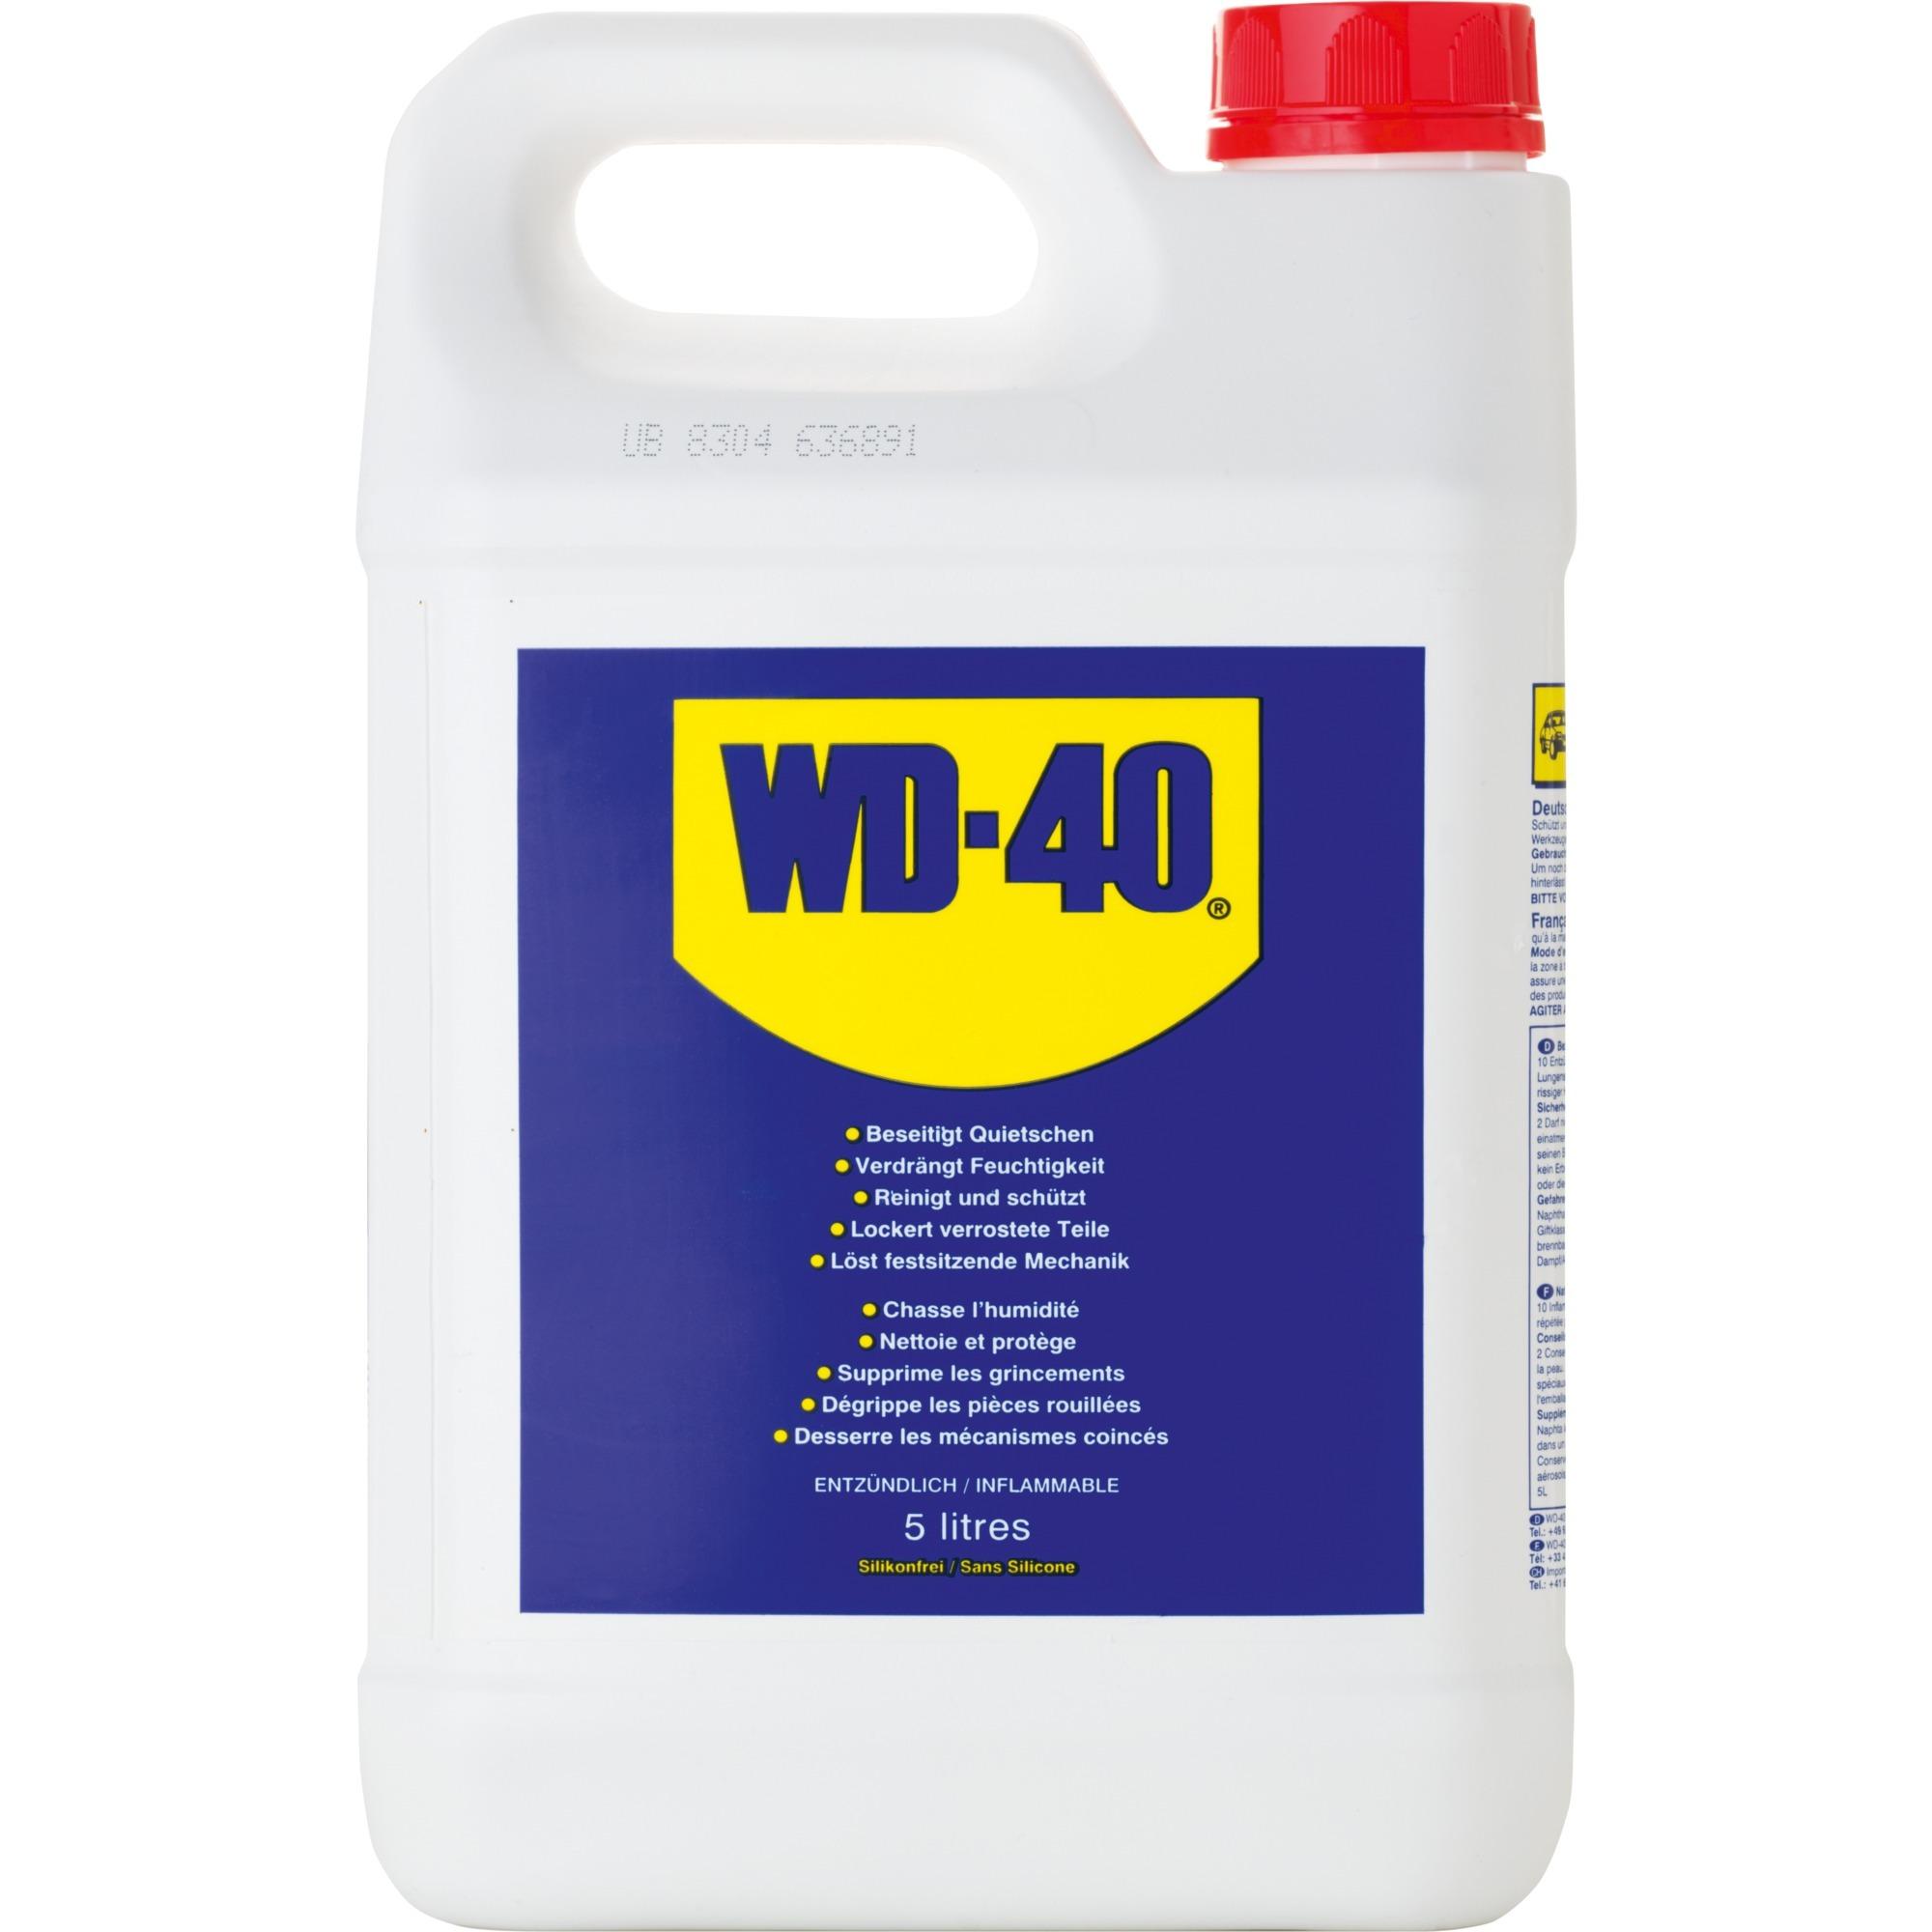 49500 lubricante de aplicación general 5000 ml Botella, Aceite